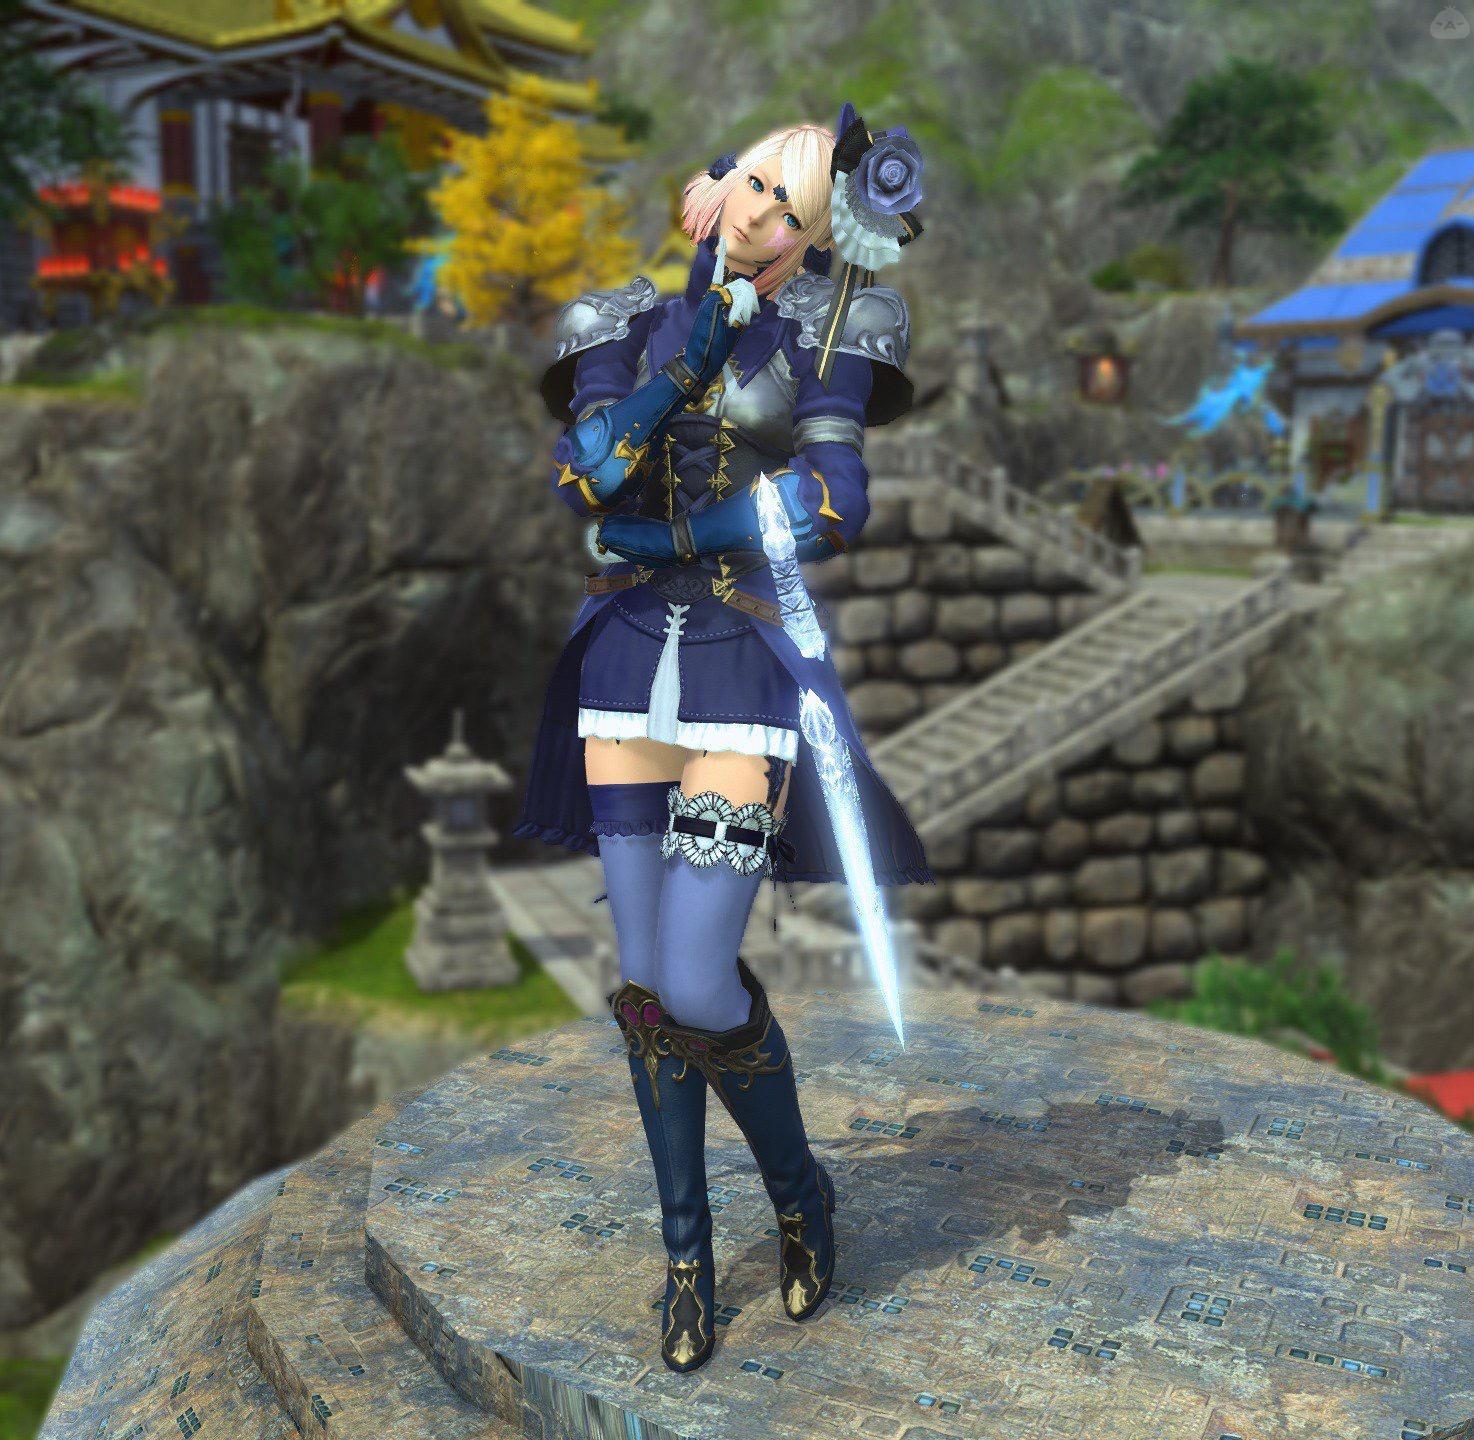 青の姫騎士ナイト